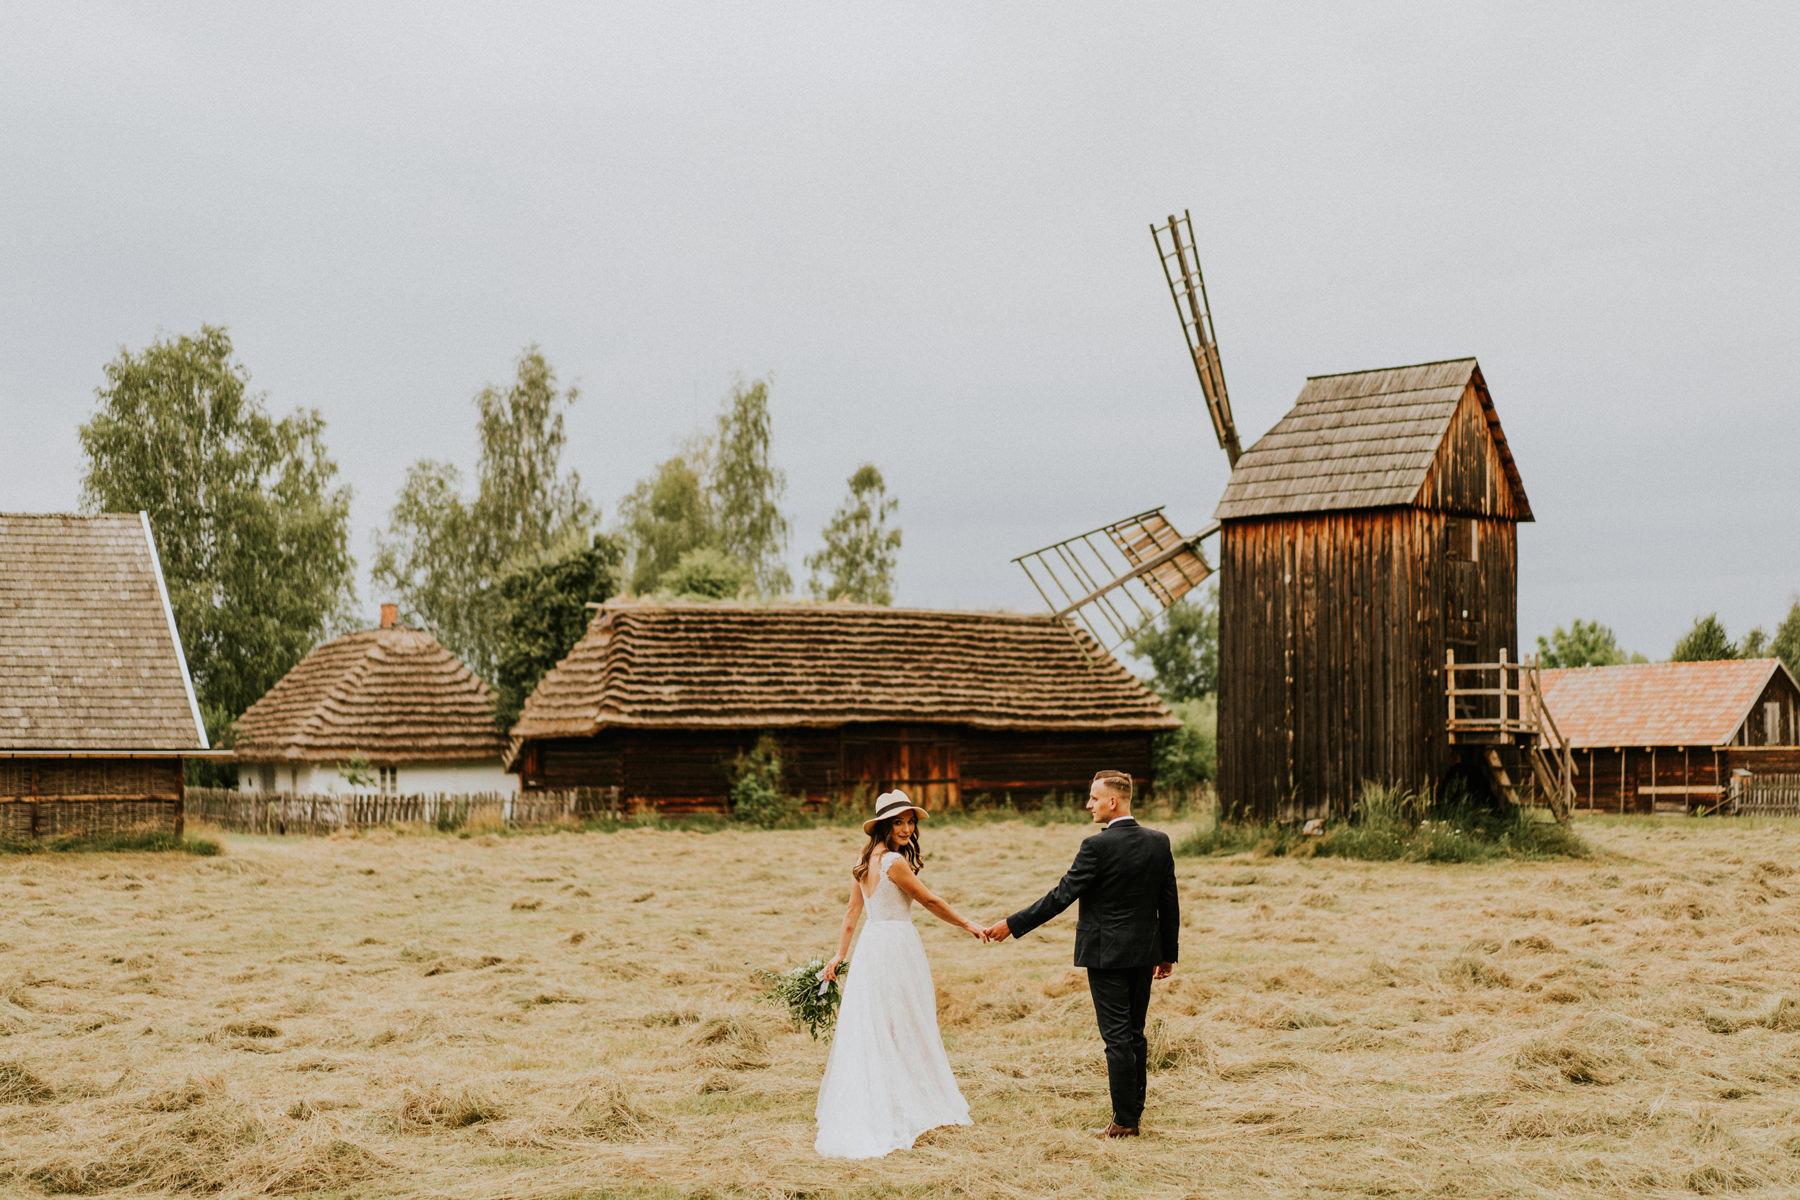 fotograf ślubny kraków sesja skansen